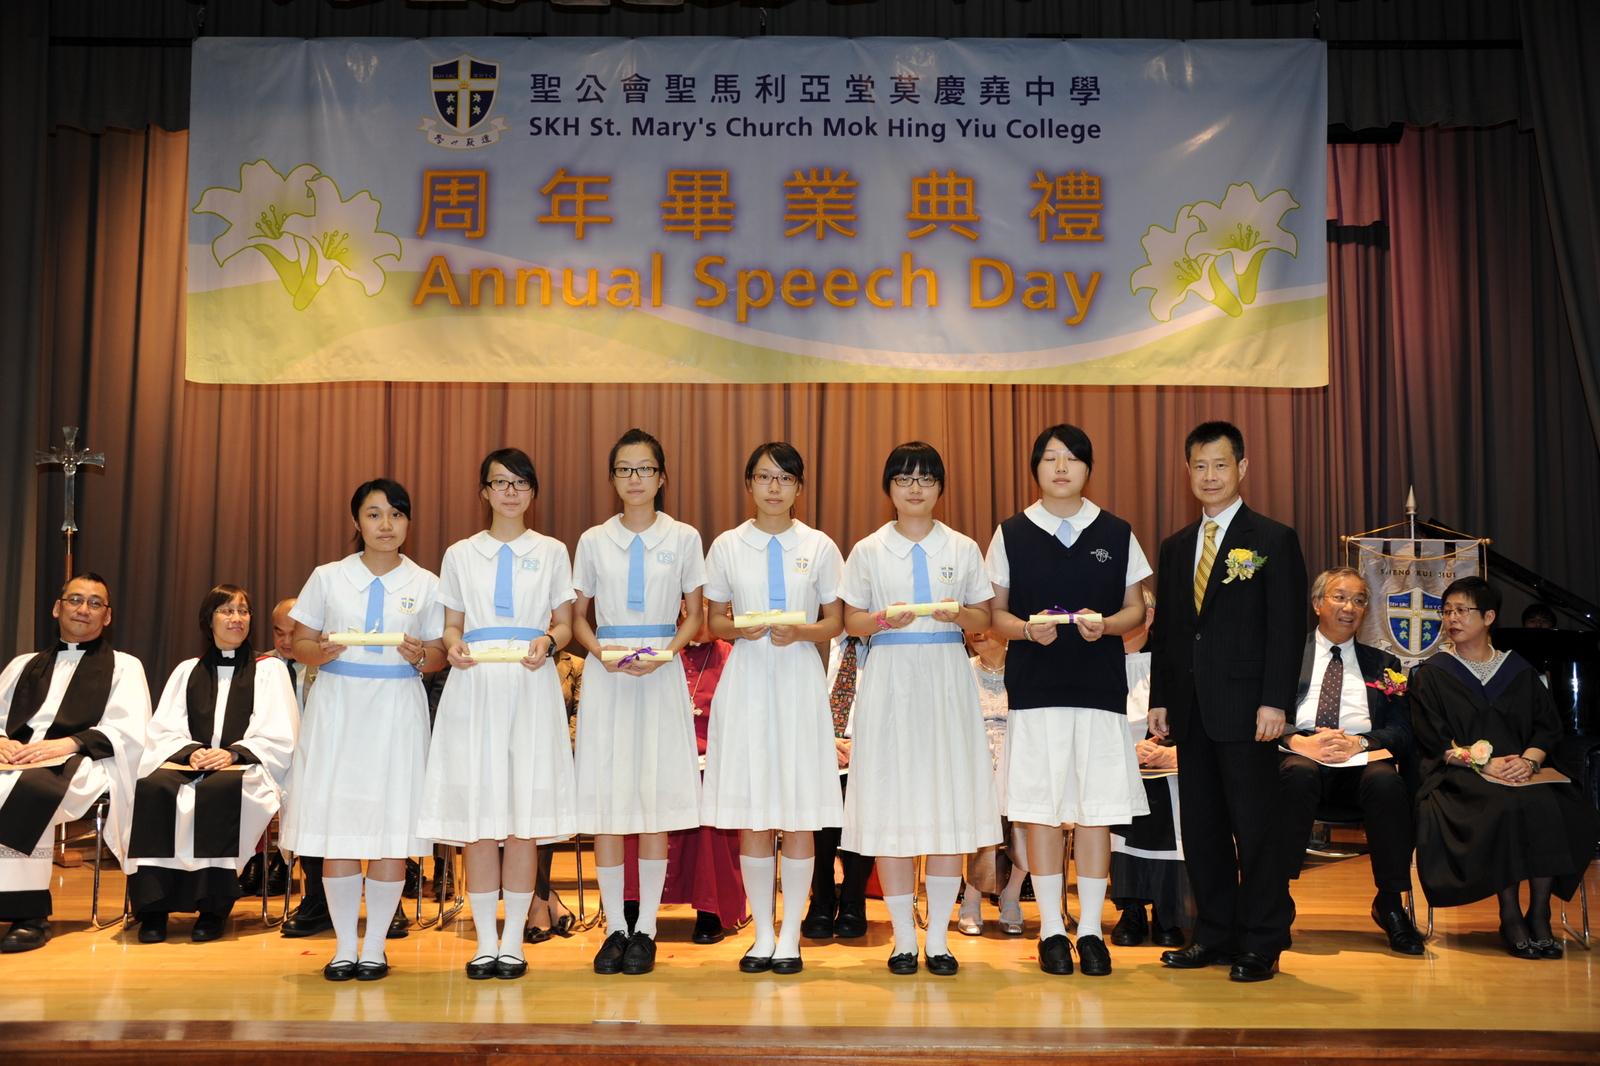 聖公會聖馬利亞堂莫慶堯中學